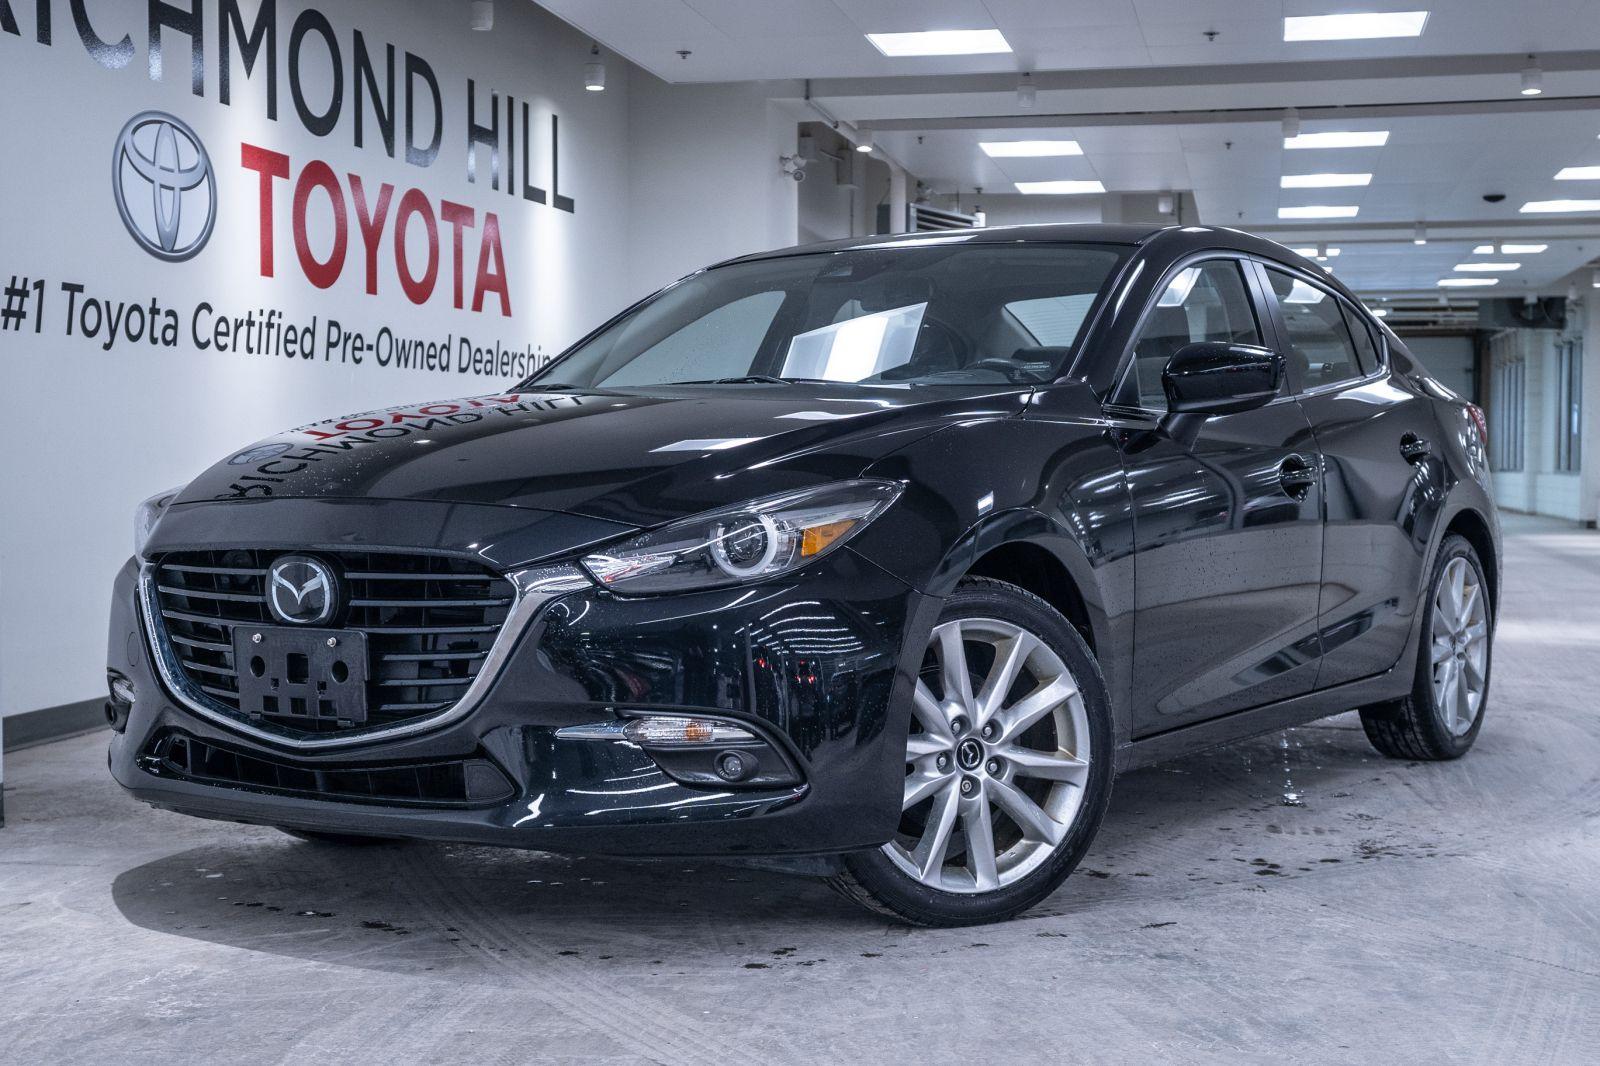 2017 Mazda Mazda3 Image